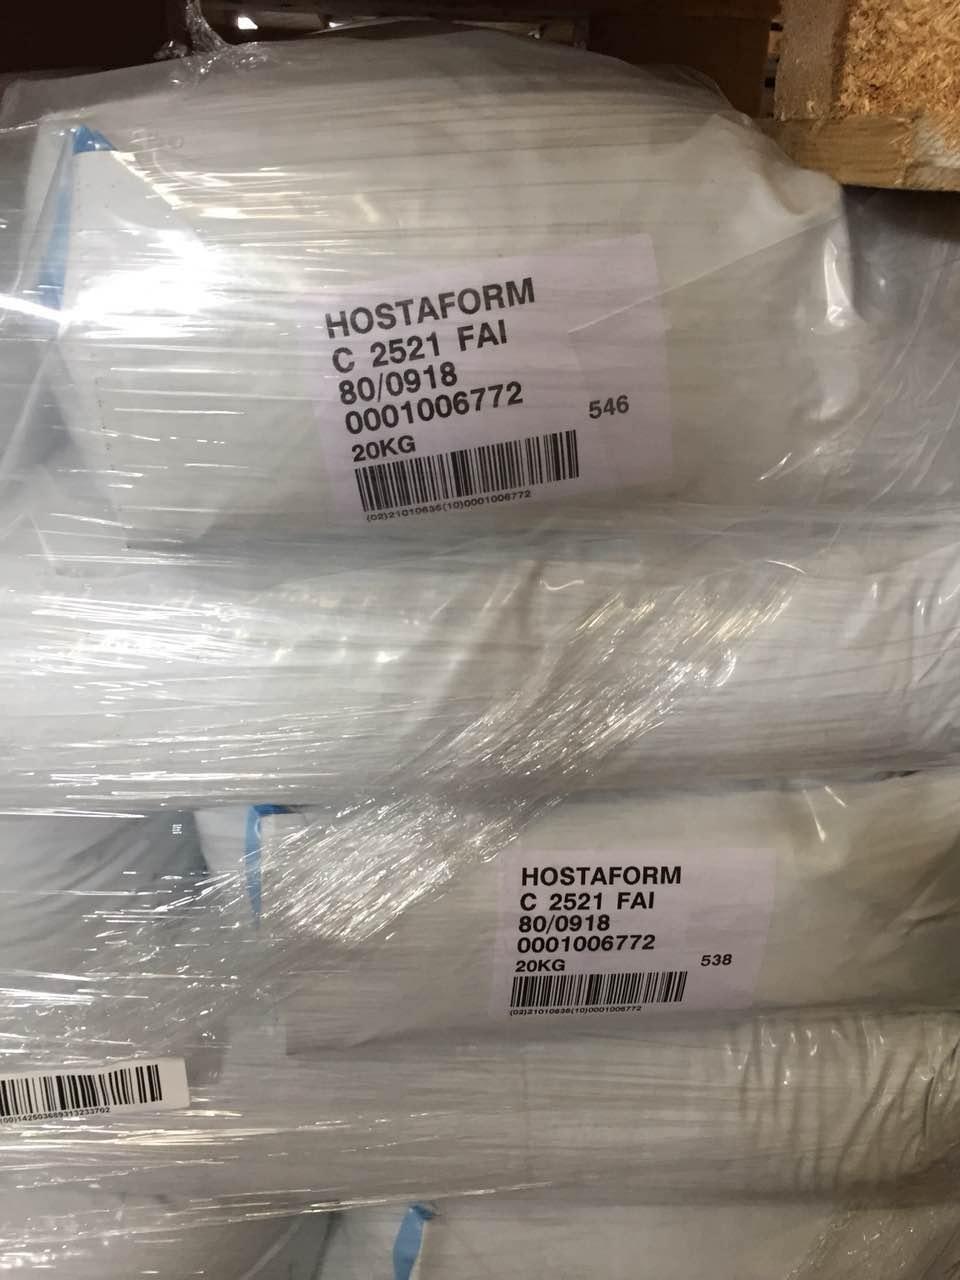 HOSTAFORM C2521 FAI